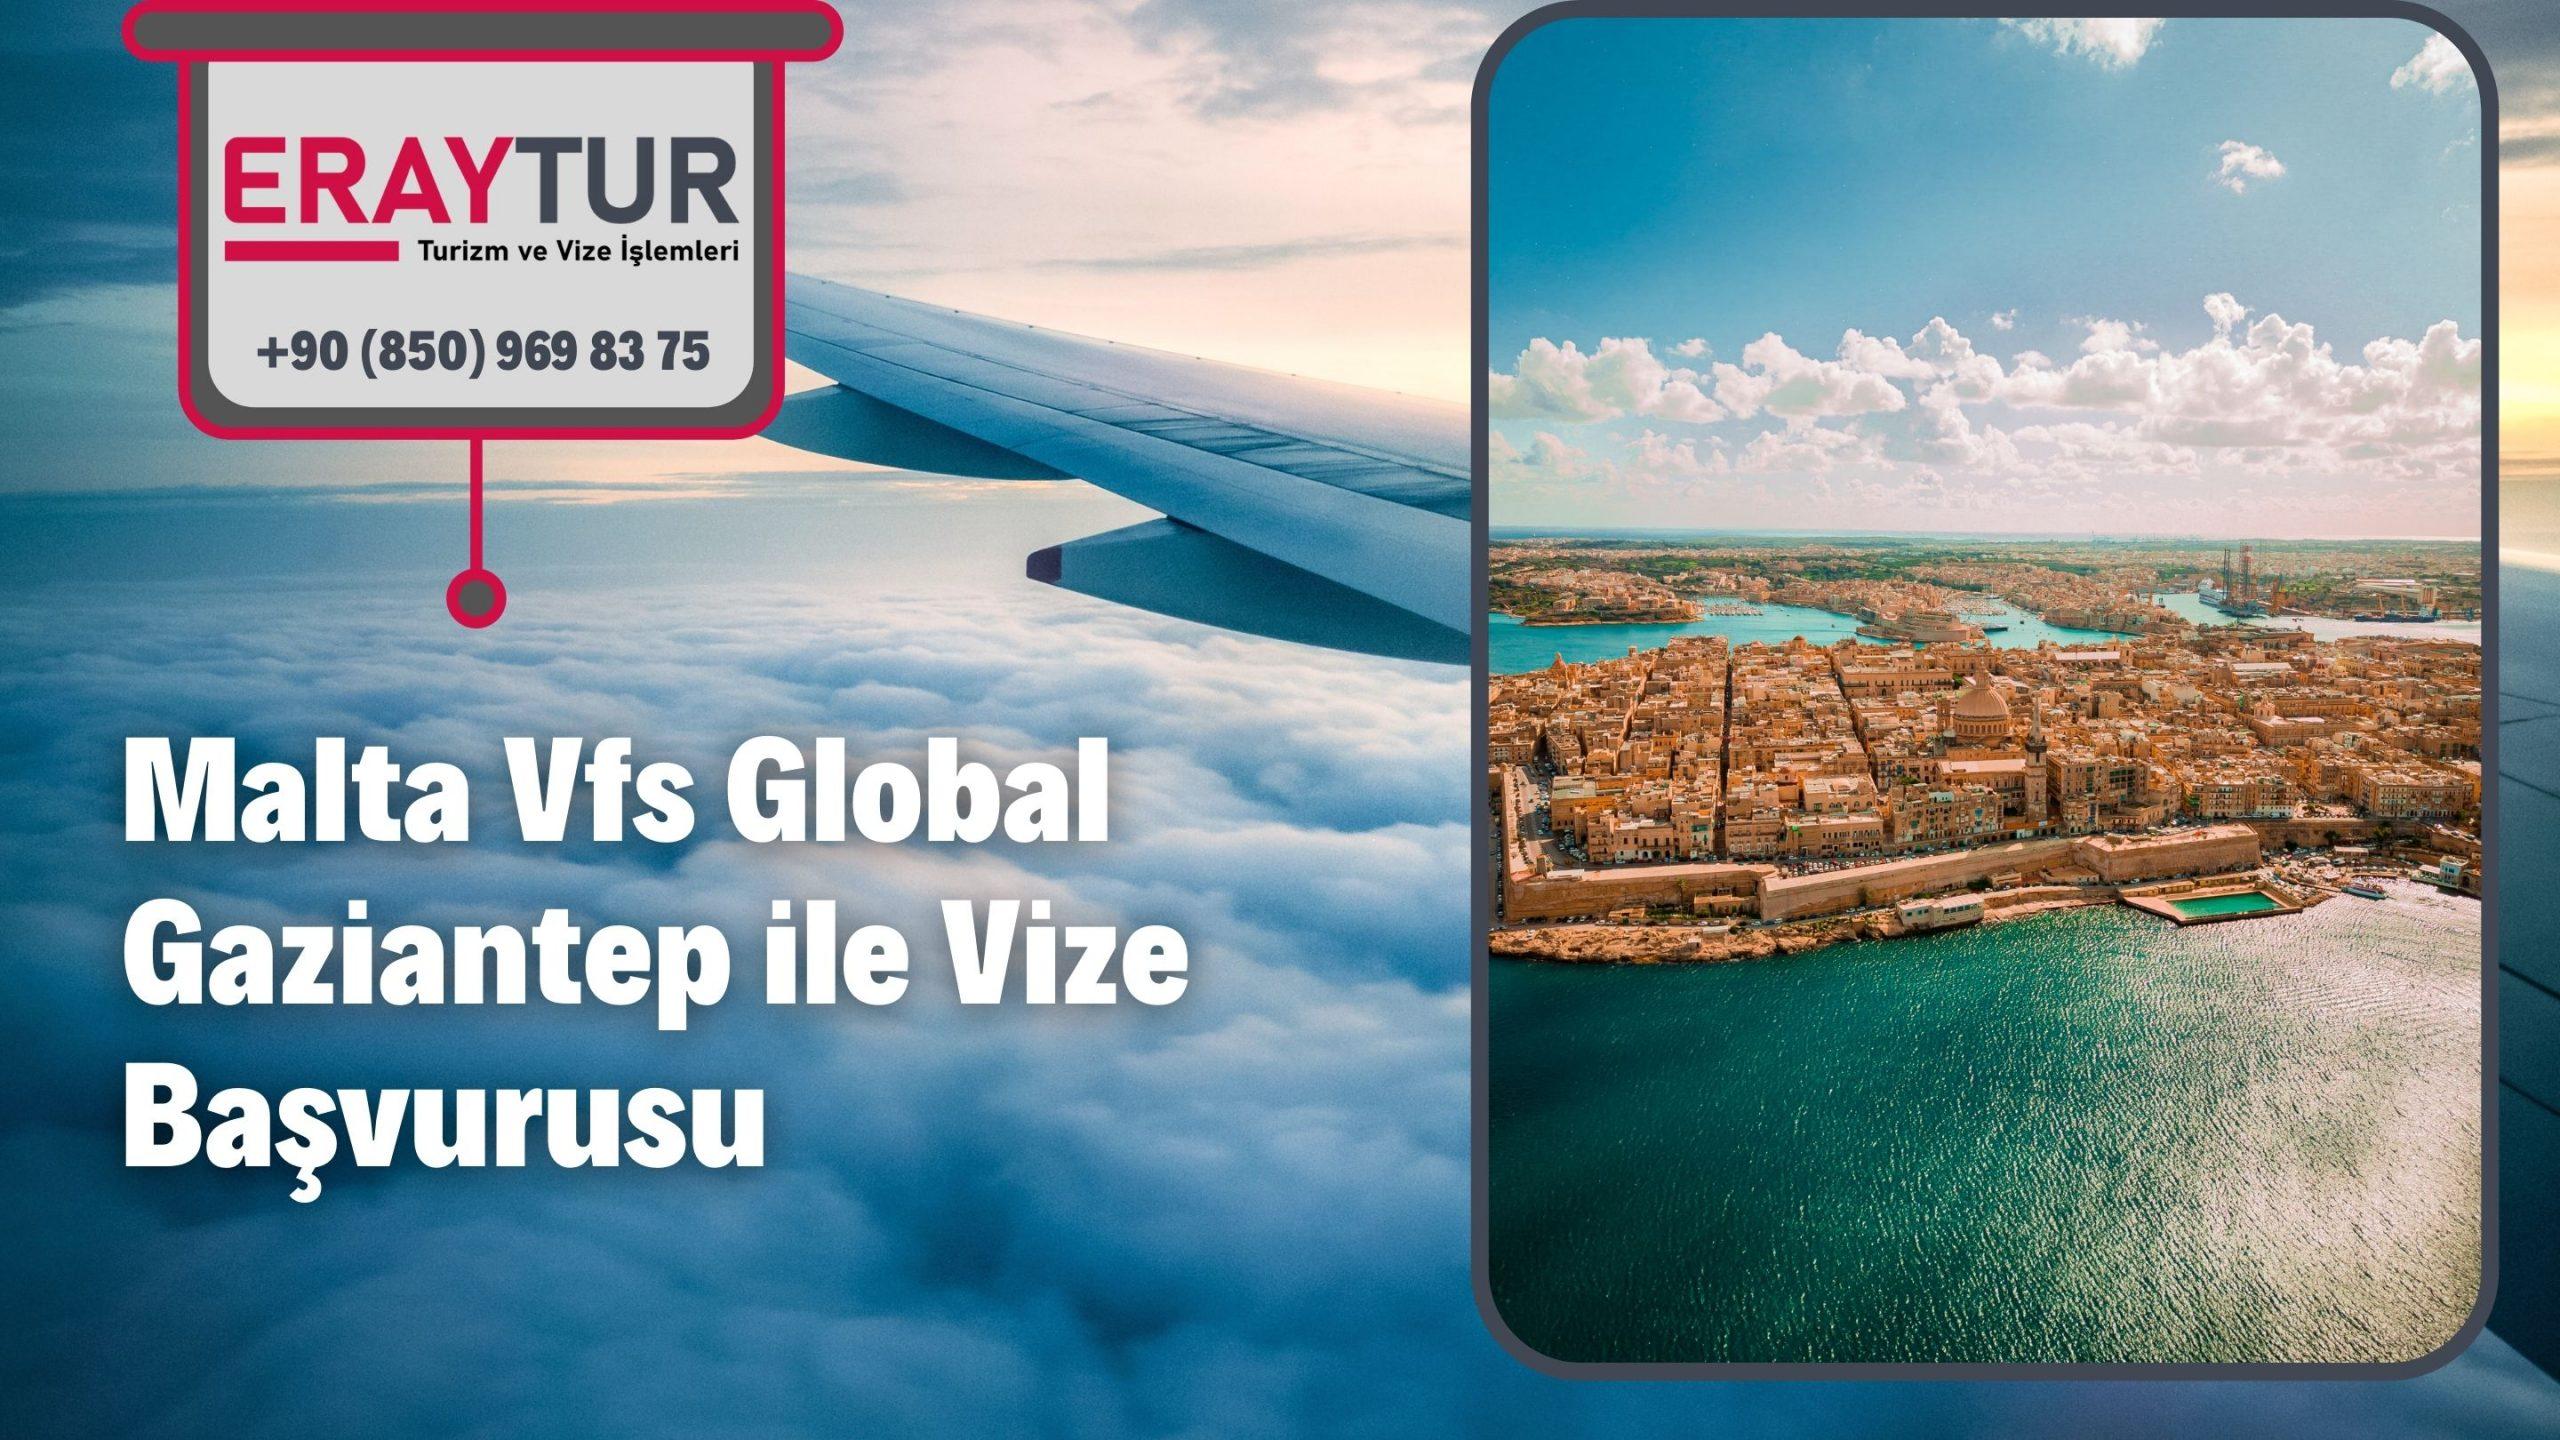 Malta Vfs Global Gaziantep ile Vize Başvurusu